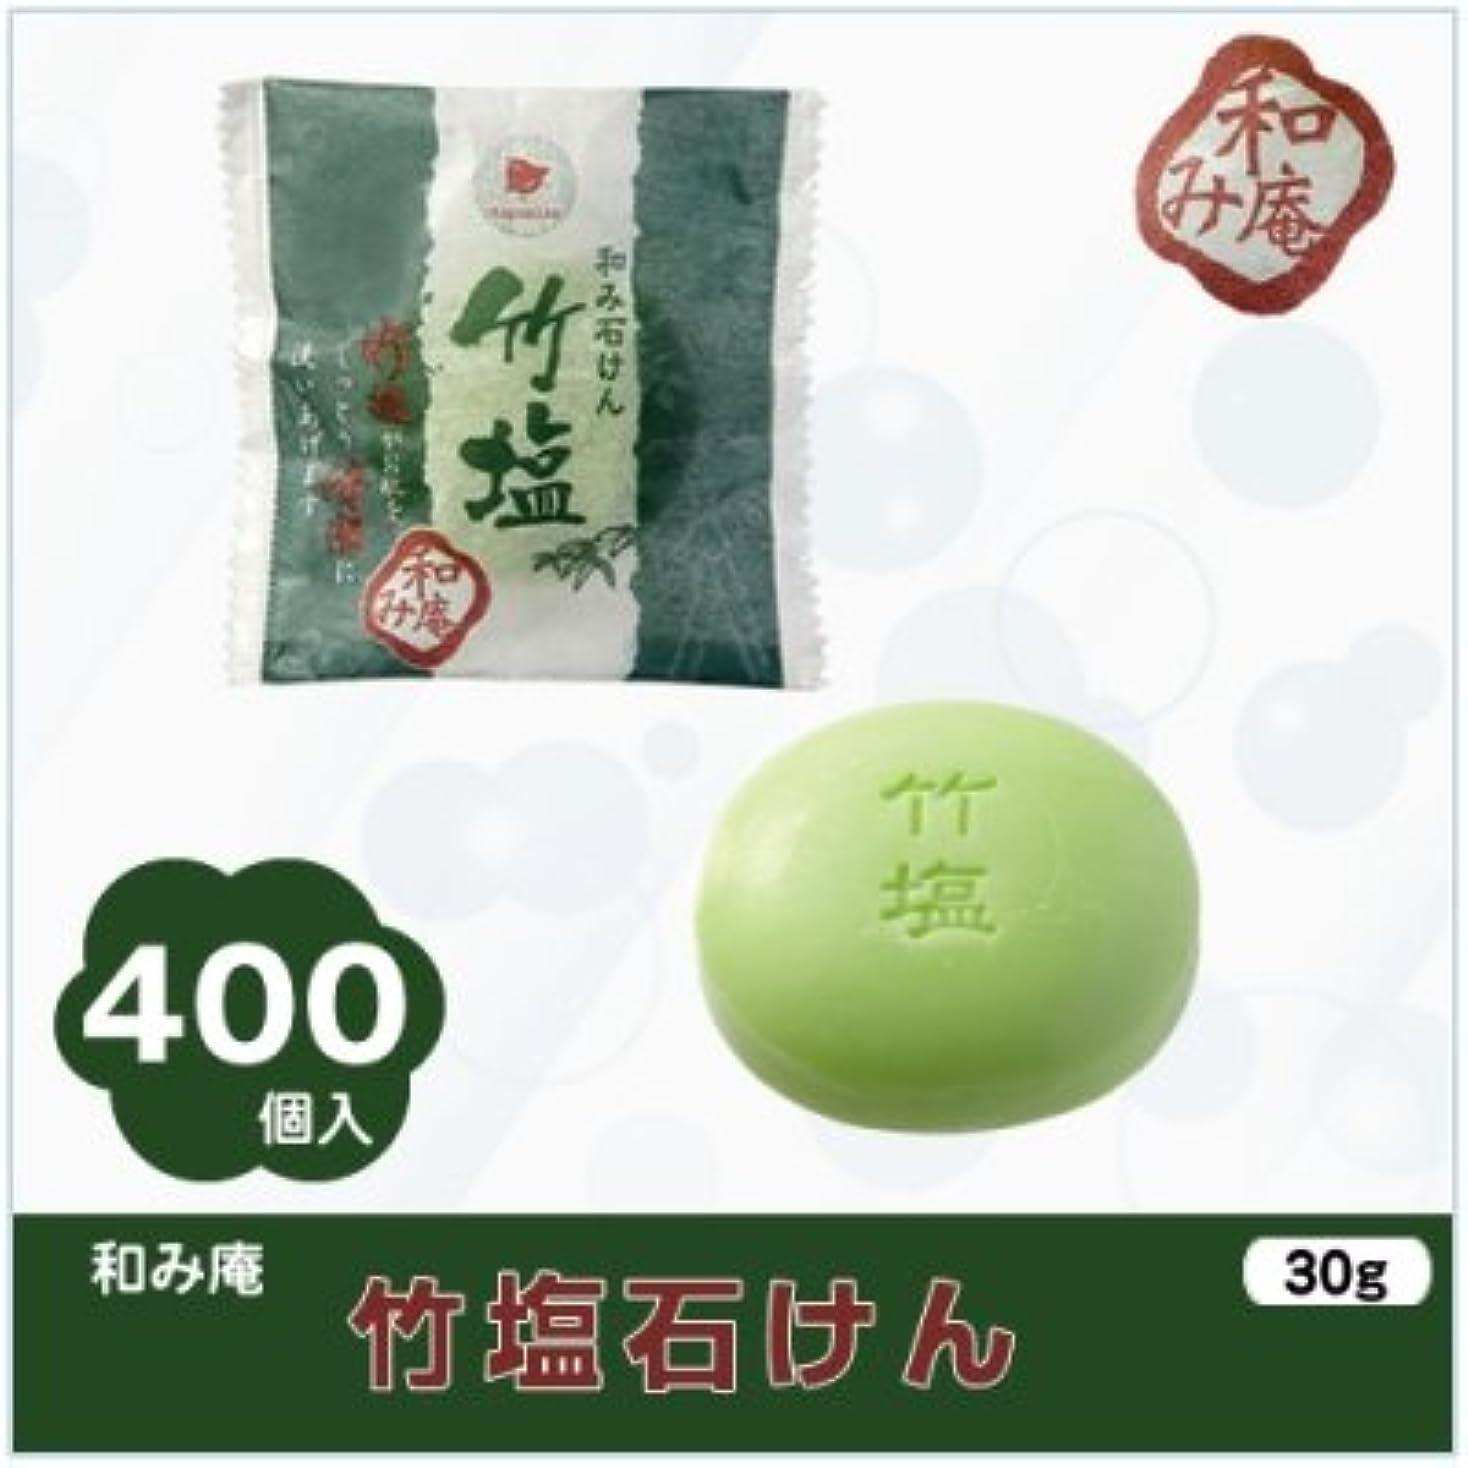 うまくやる()フェードアクセス和み庵 竹塩石鹸 30g (120個1セット)